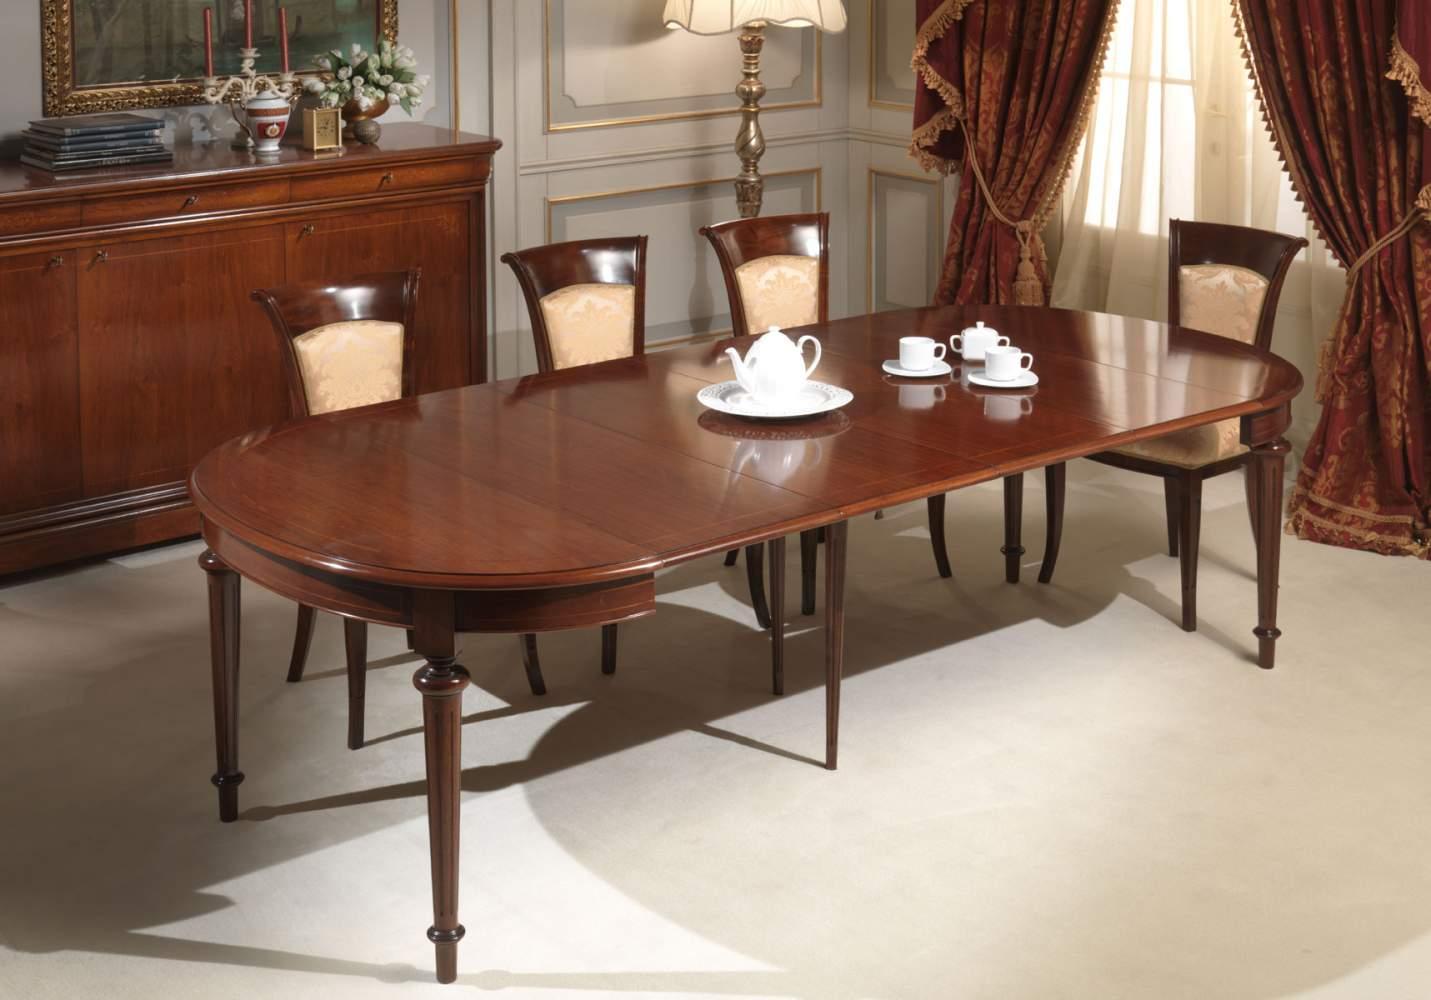 Tavolo ovale completamente allungato